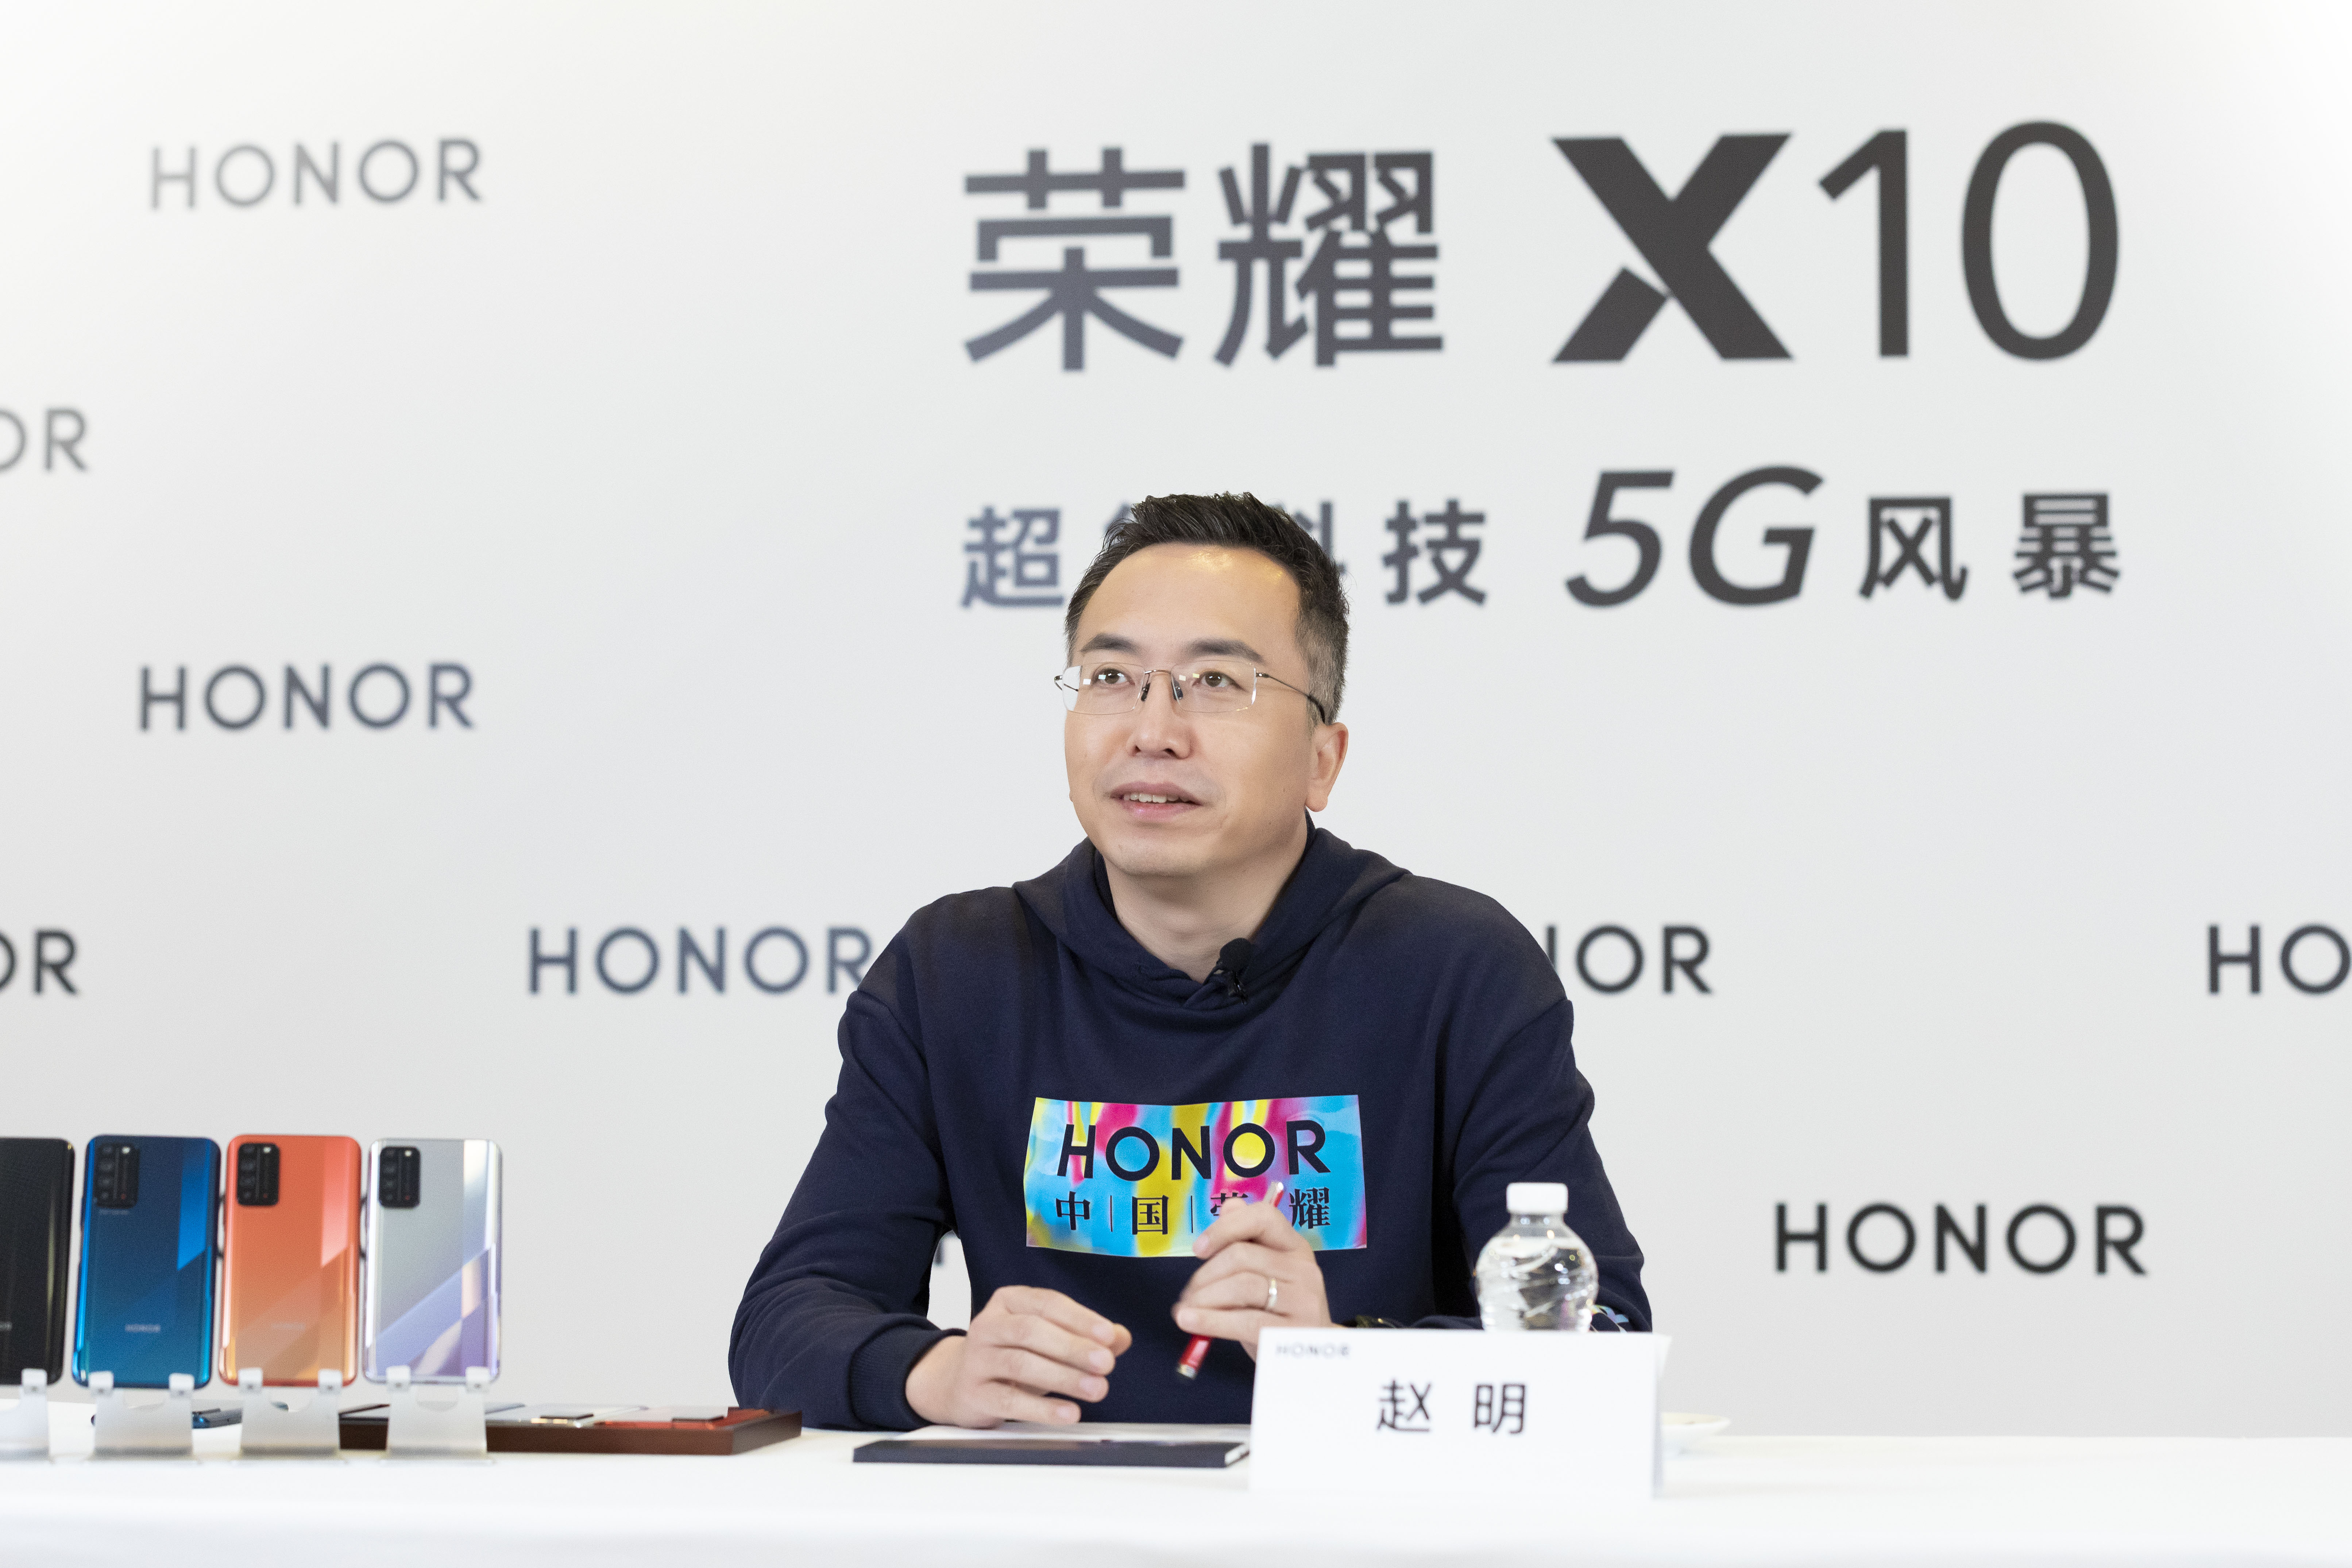 荣耀X10销量预期千万台起步!赵明:目标不变,仍是行业前二